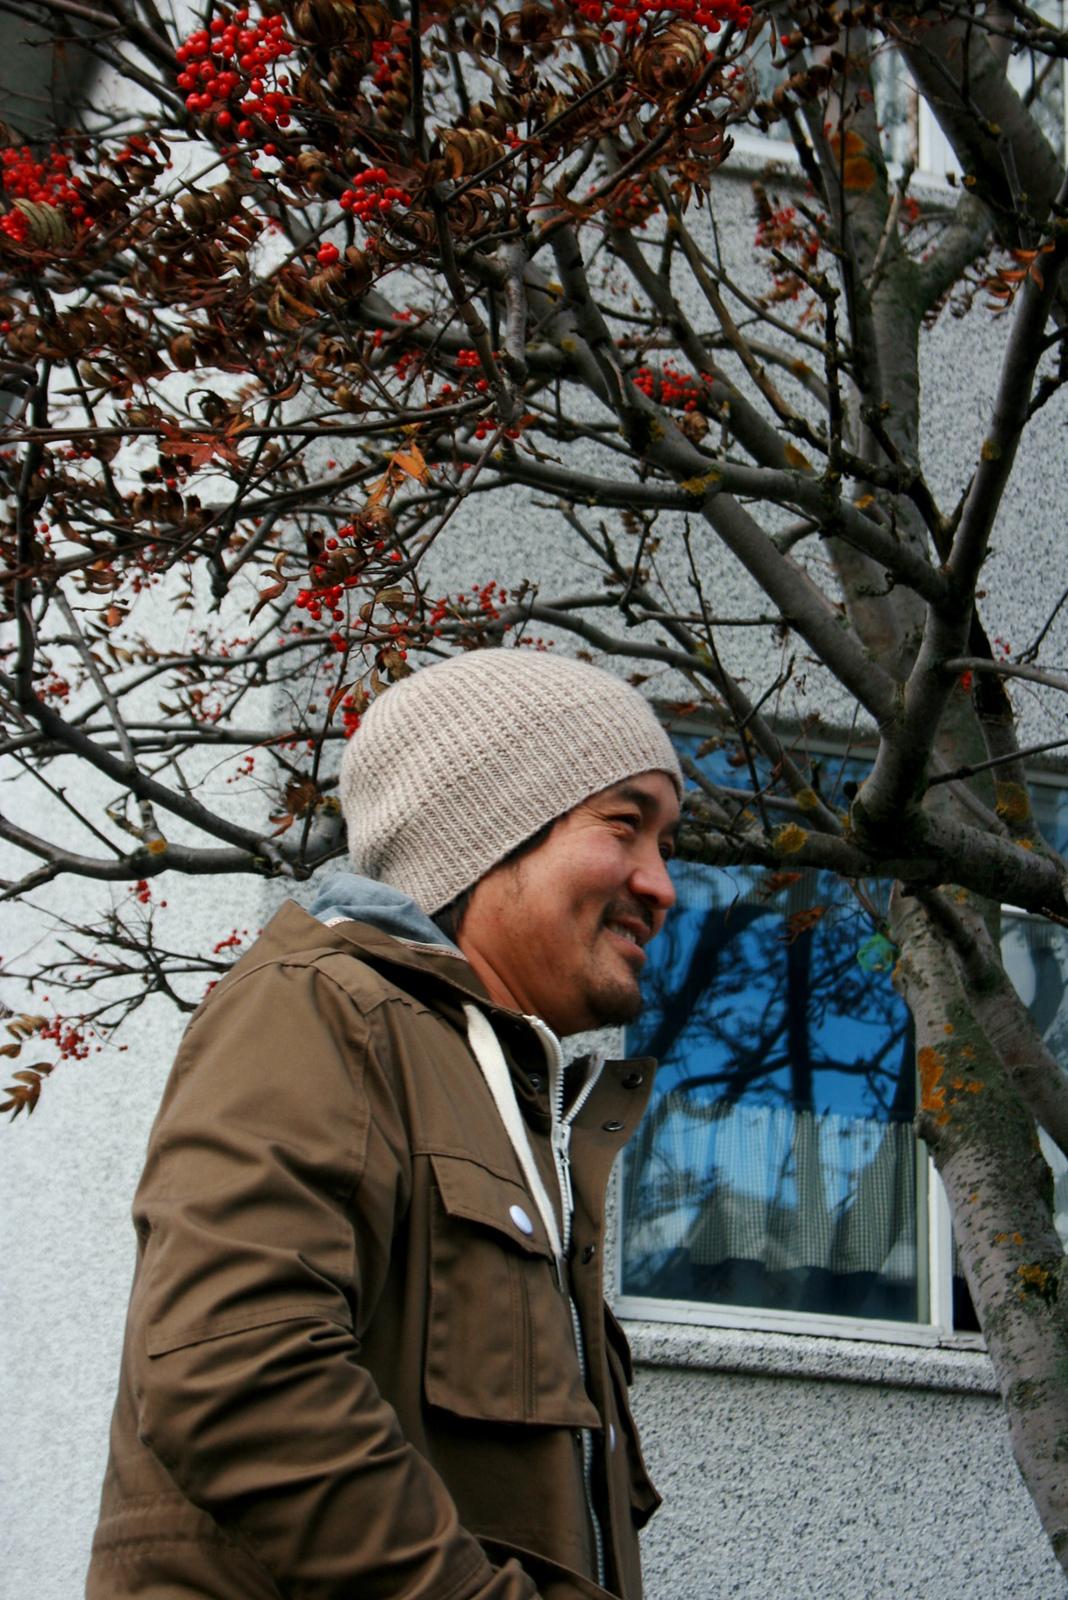 Вязание шапки Kittery, Knitscene fall 2014